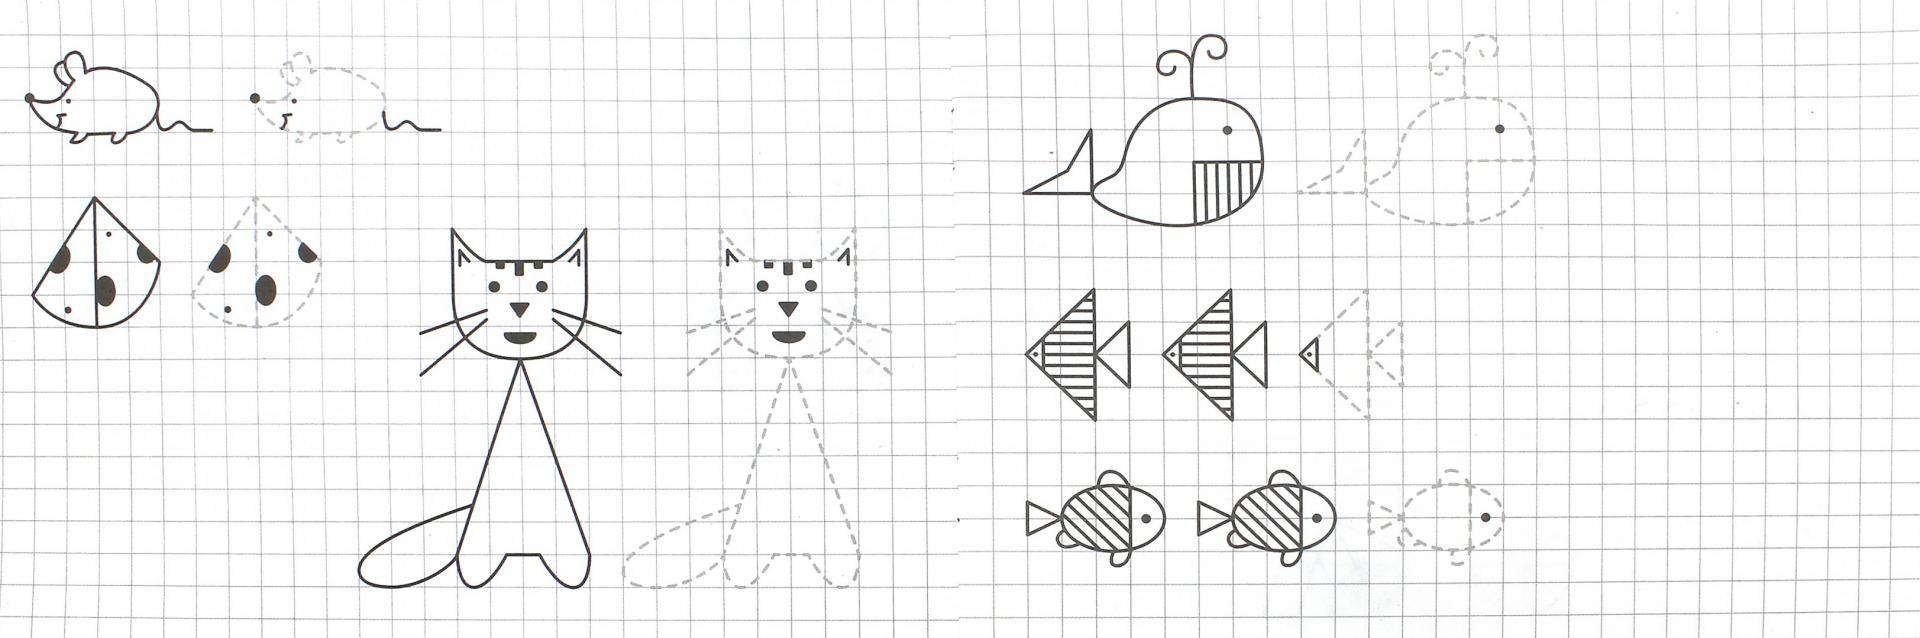 Иллюстрация 1 из 21 для Прописи. Рисуем по клеточкам - И. Попова | Лабиринт - книги. Источник: Лабиринт